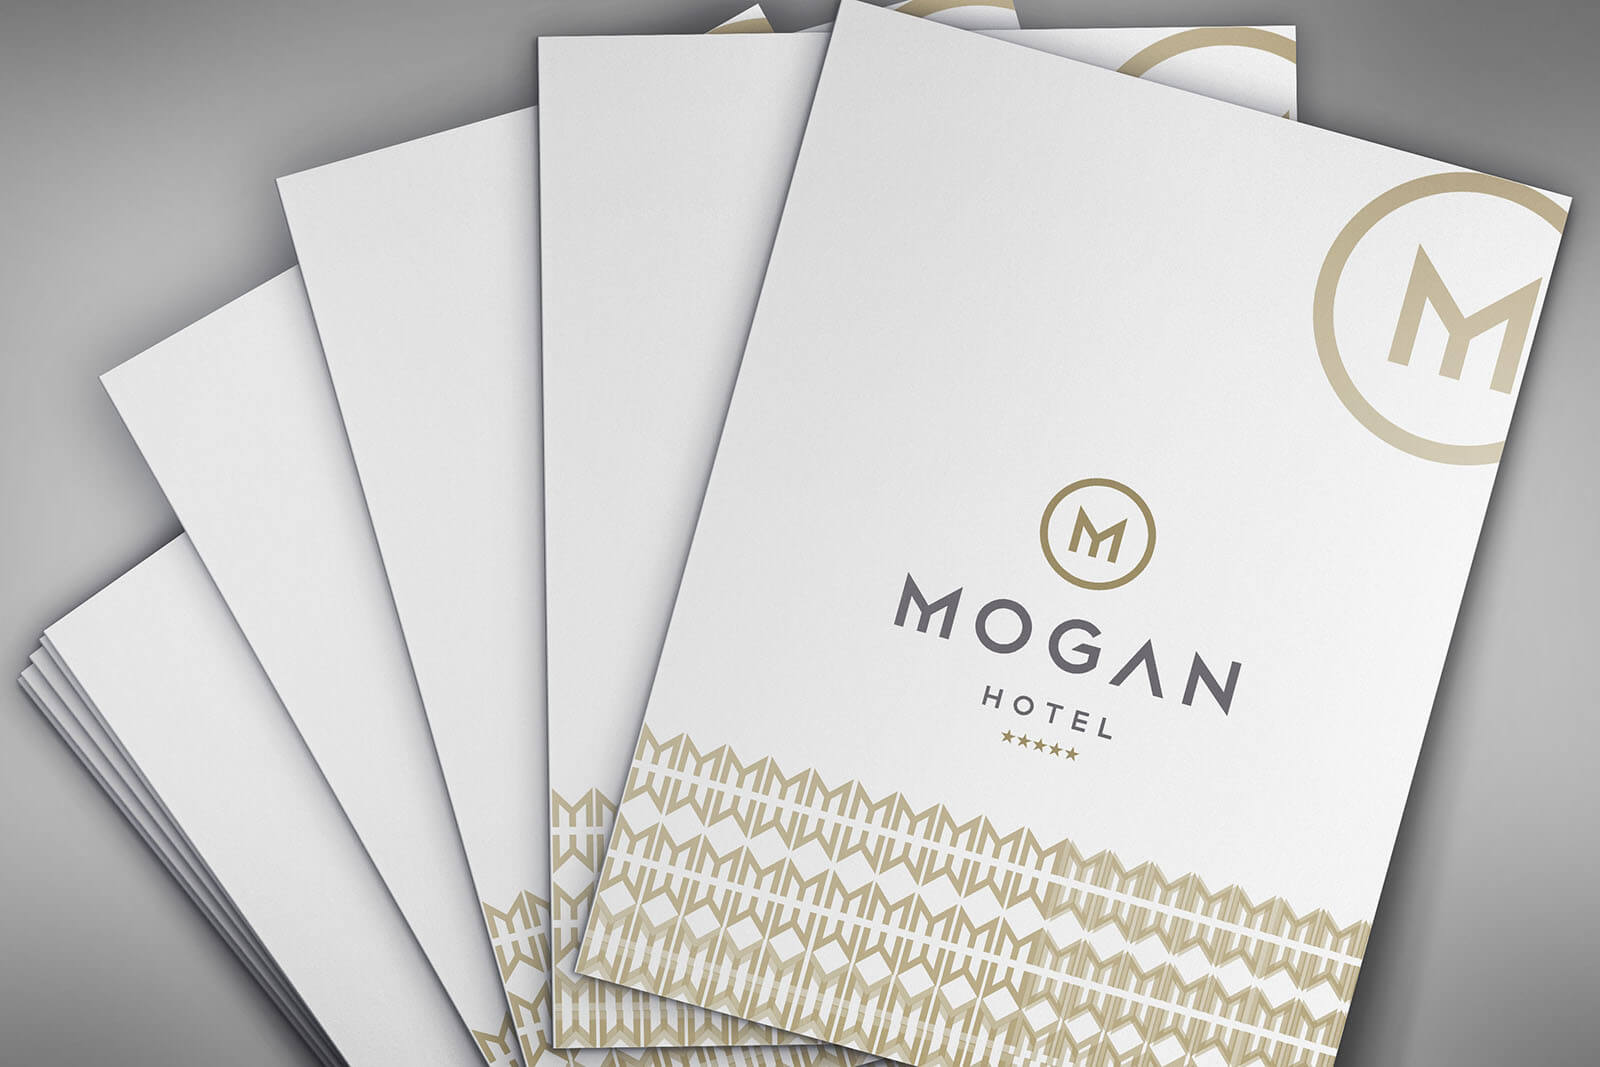 mogan hotles 3